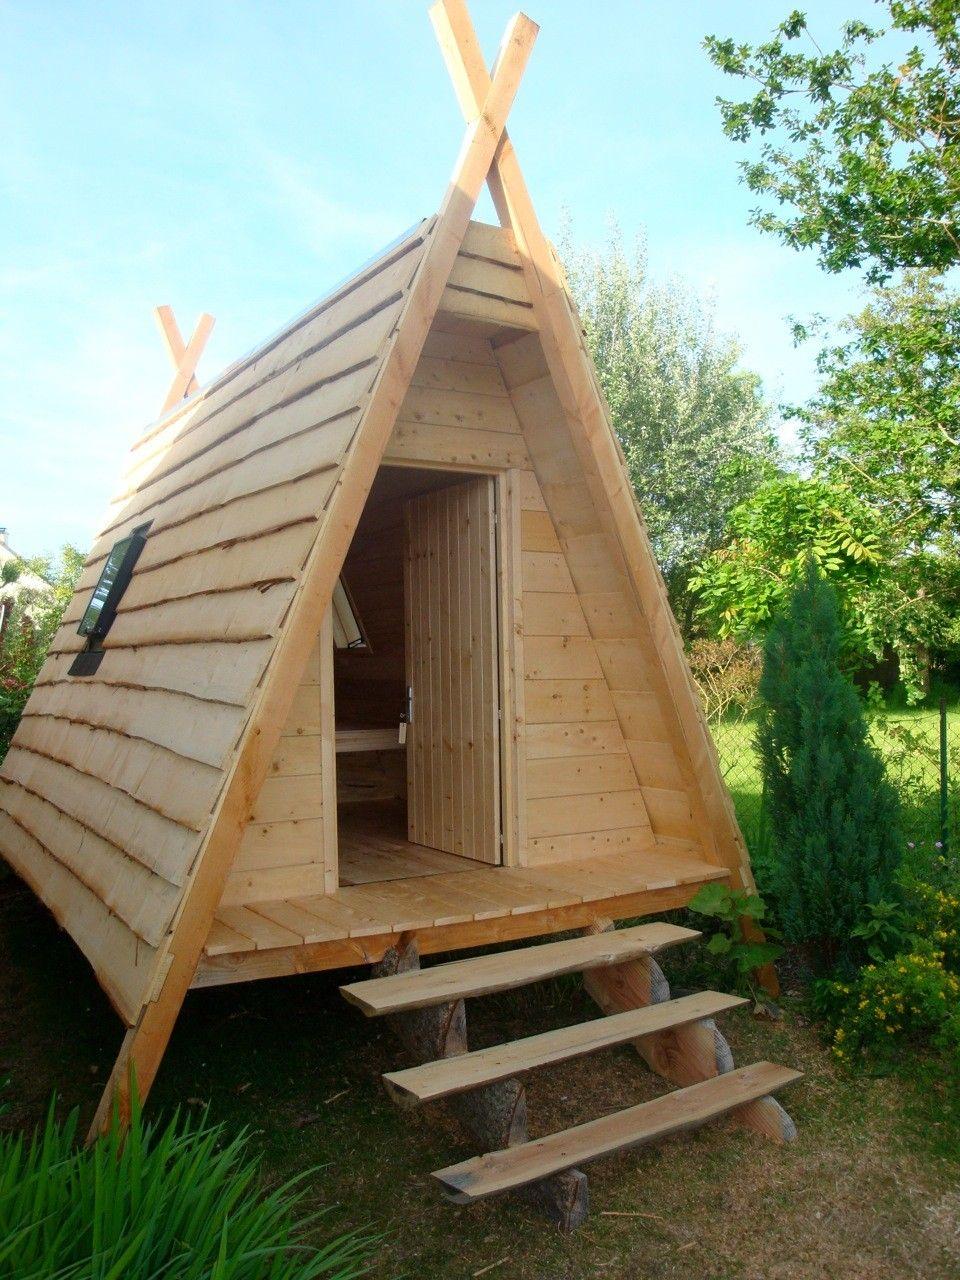 Galerie cabanes en bois alternative building cabane cabane bois cabane jardin - Petite maison en bois pour jardin ...